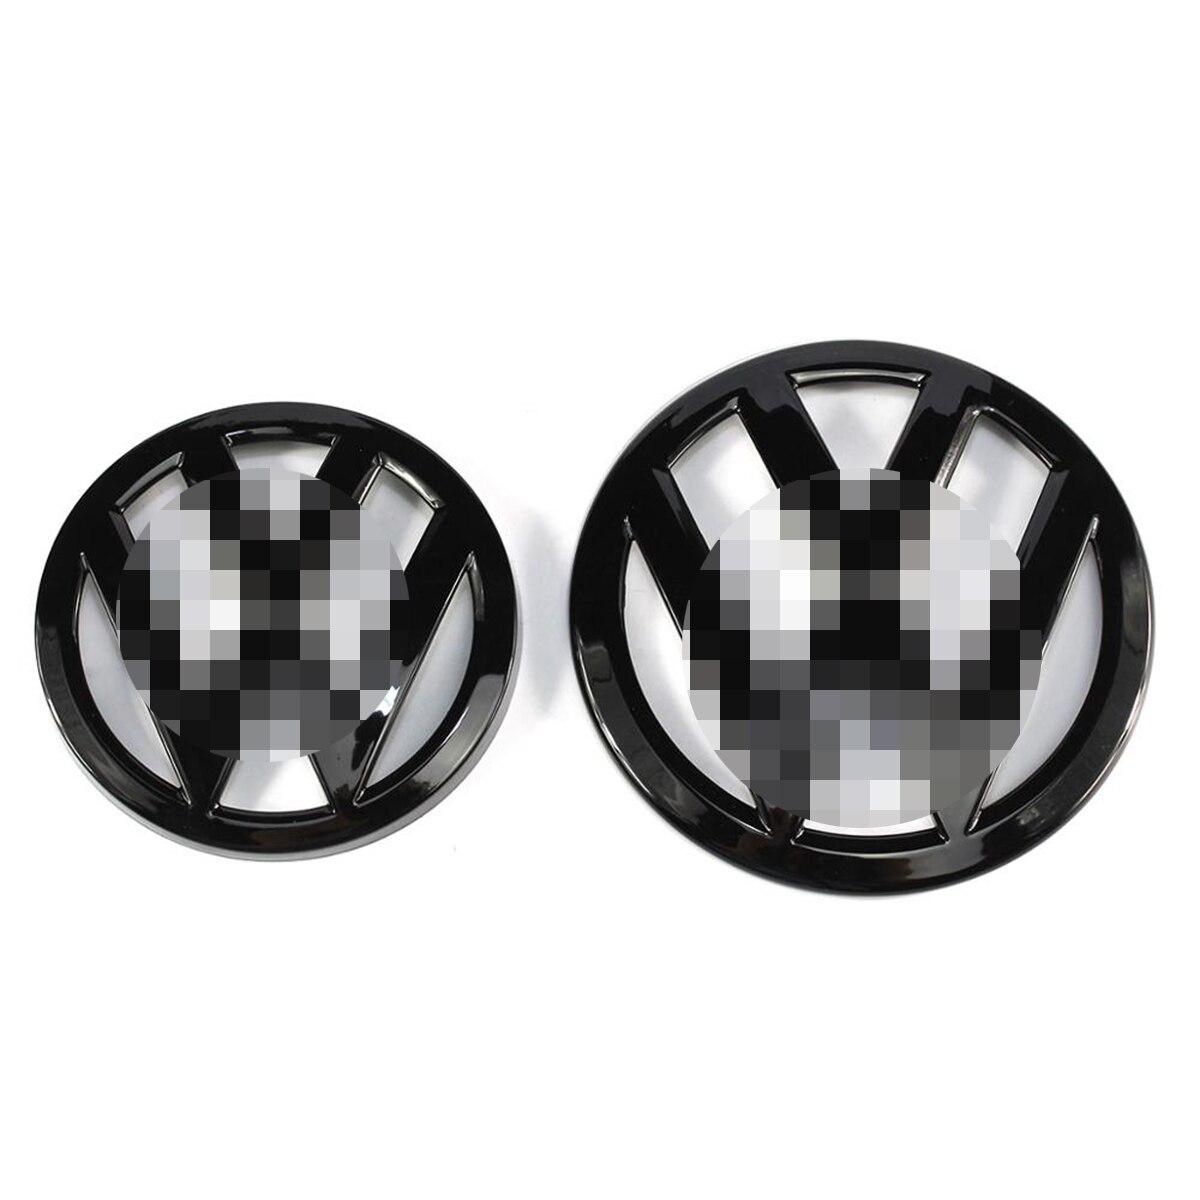 Блестящий черный высококачественный автомобильный значок 138 мм на переднюю решетку и Эмблема багажника 110 мм для VW Volkswagen Golf MK7, 2 шт.